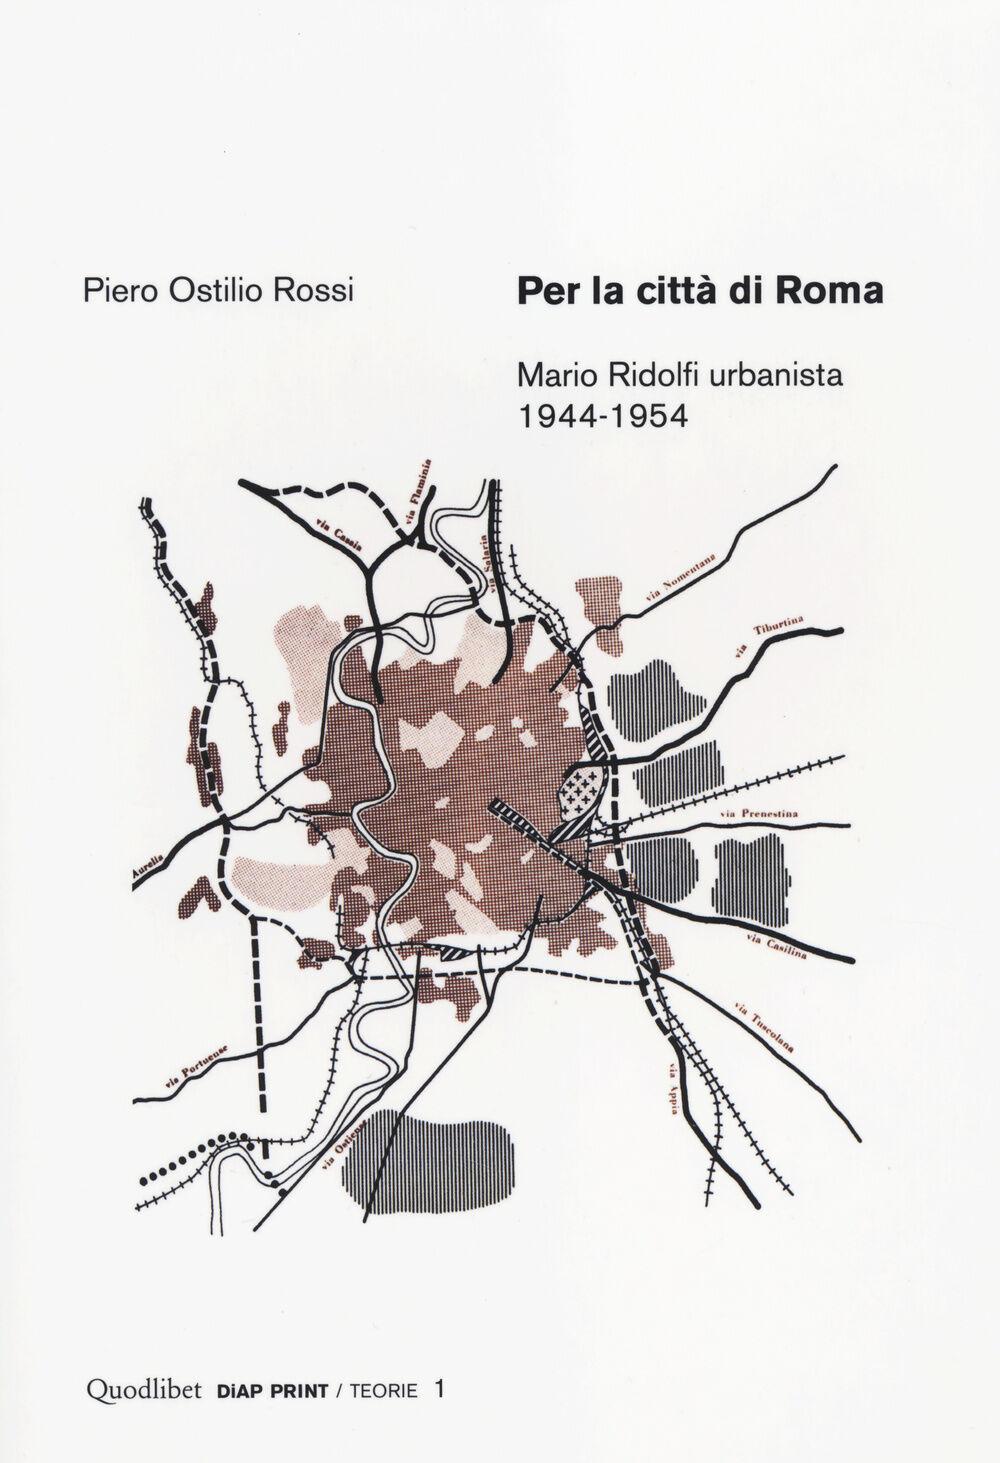 Per la città di Roma. Mario Ridolfi urbanista 1944-1954